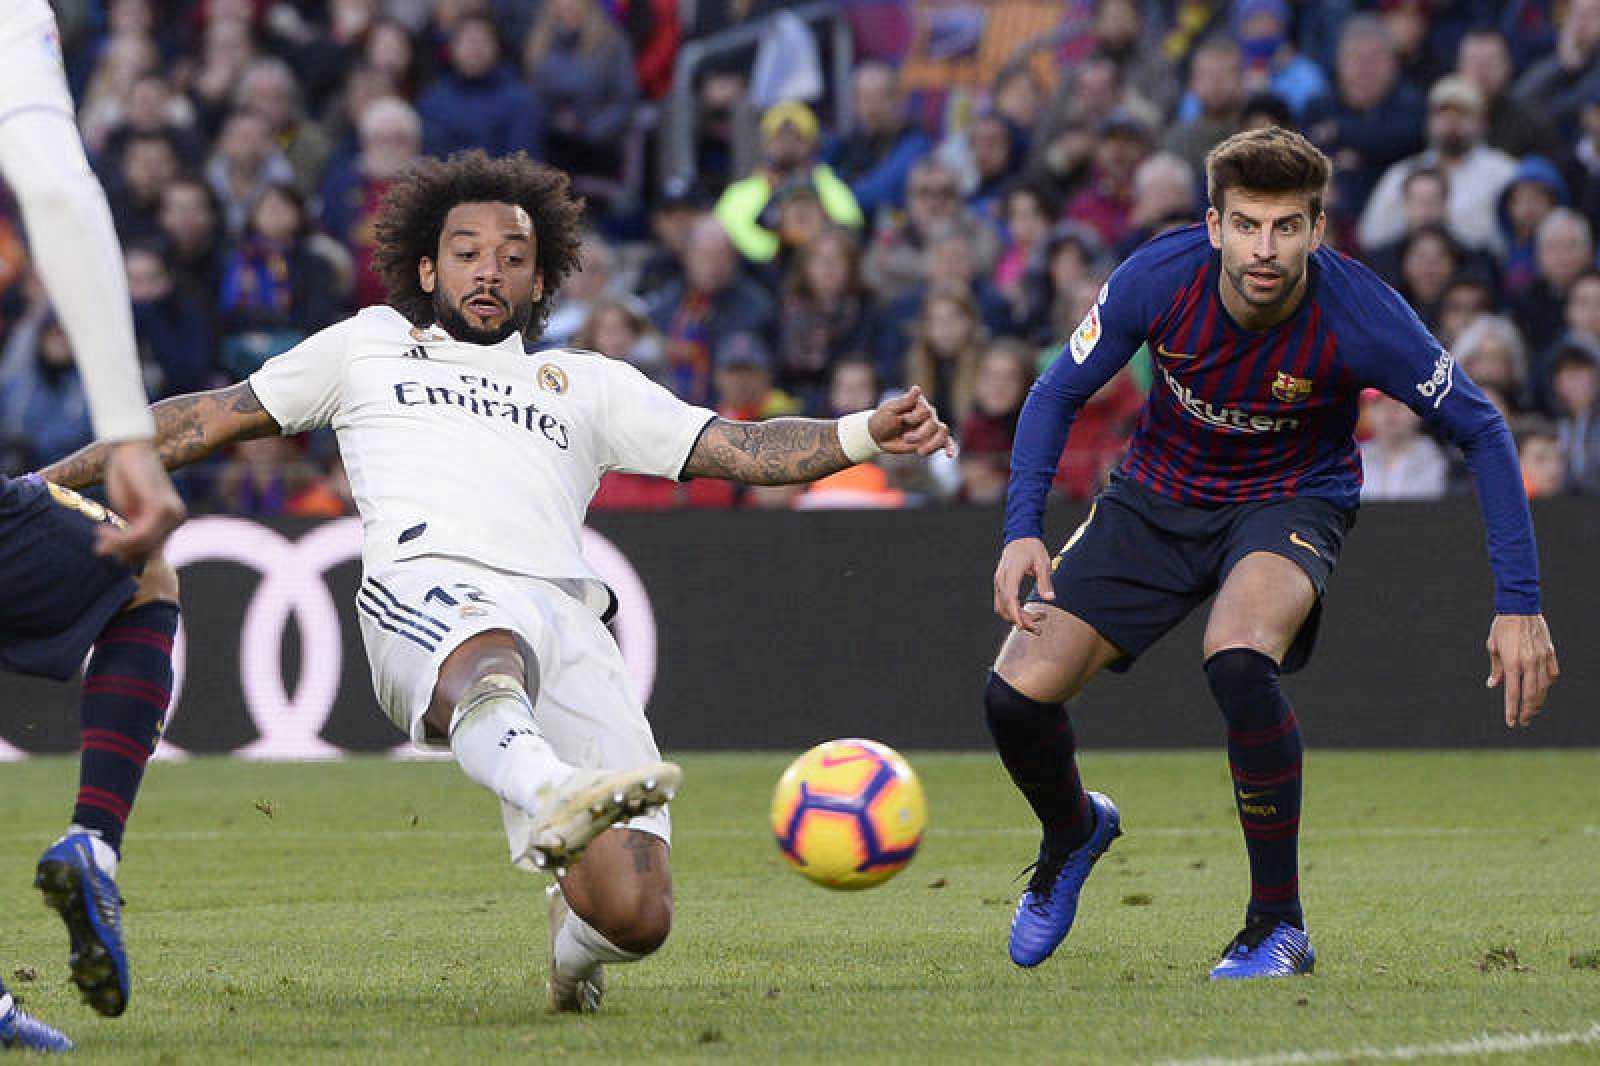 Resultado de imagen para El clásico entre el Real Madrid-Barcelona, de la vigésima sexta jornada de La Liga, se jugará el sábado 2 de marzo a las 20:45 horas